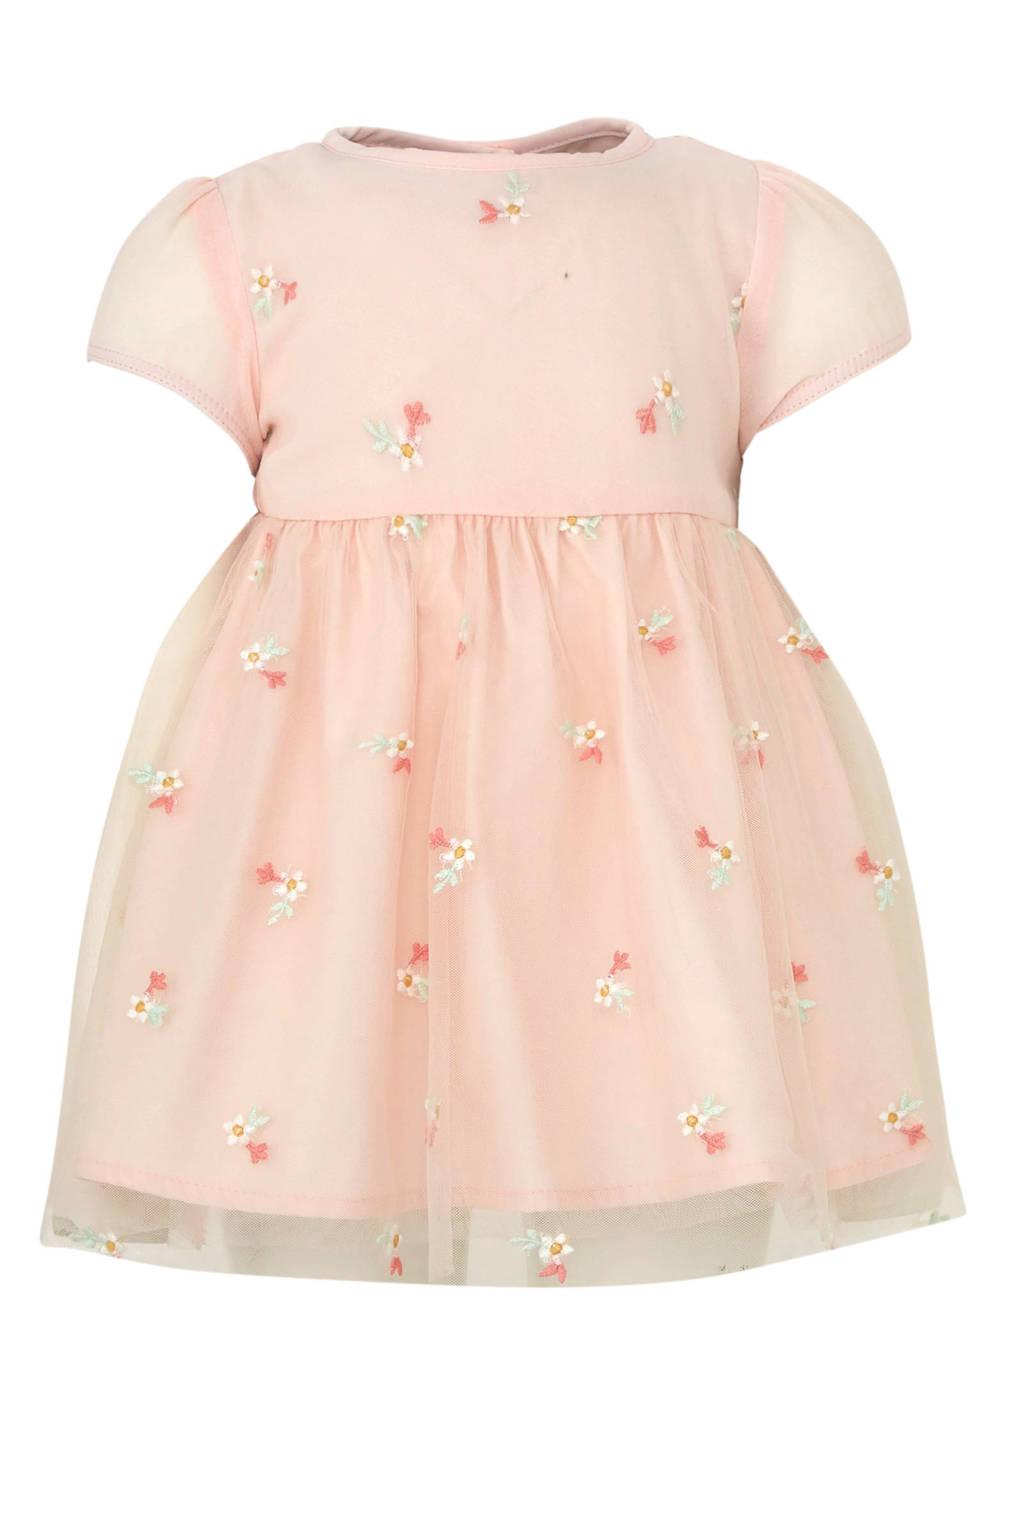 C&A Baby Club jurk met bloemendessin lichtroze, Lichtroze/wit